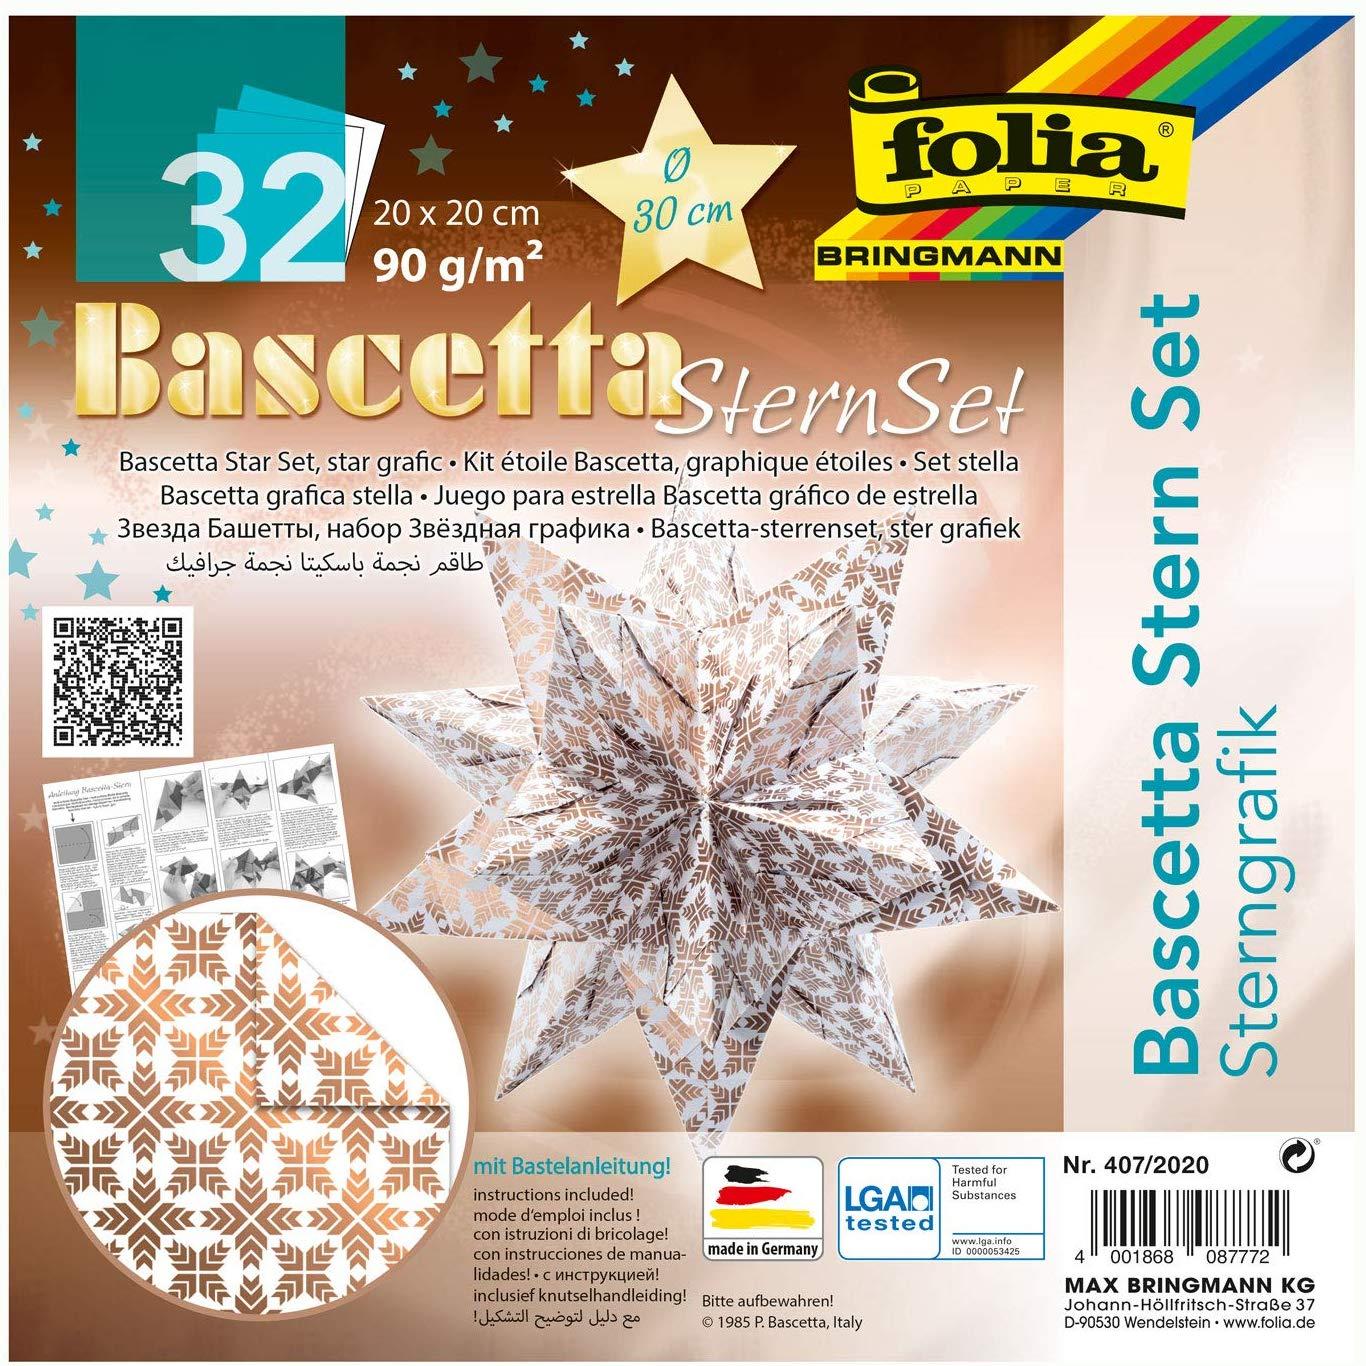 folia 407/2020 - Bastelset Bascetta Stern Sterngrafik weiß/kupfer, 32 Blatt, 20 x 20 cm, fertige Grö